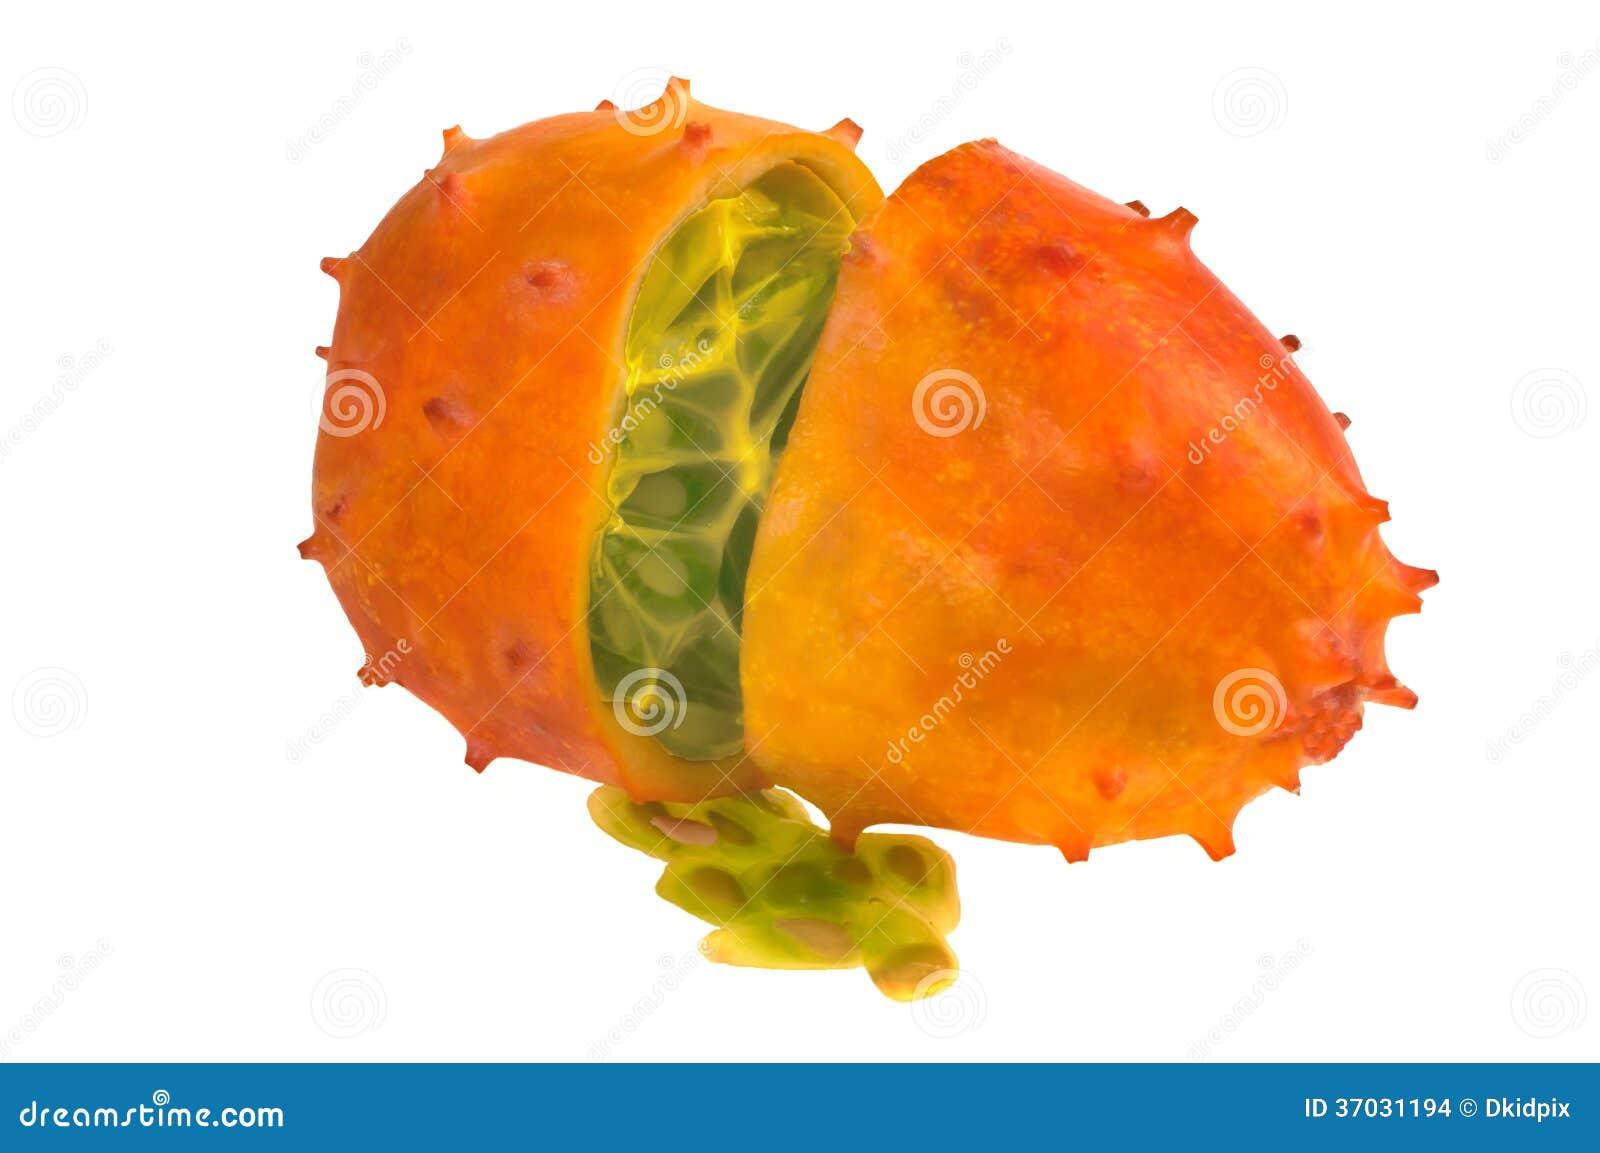 Beautiful fruit pictures - Beautiful Kiwano Fruit Cut In Two